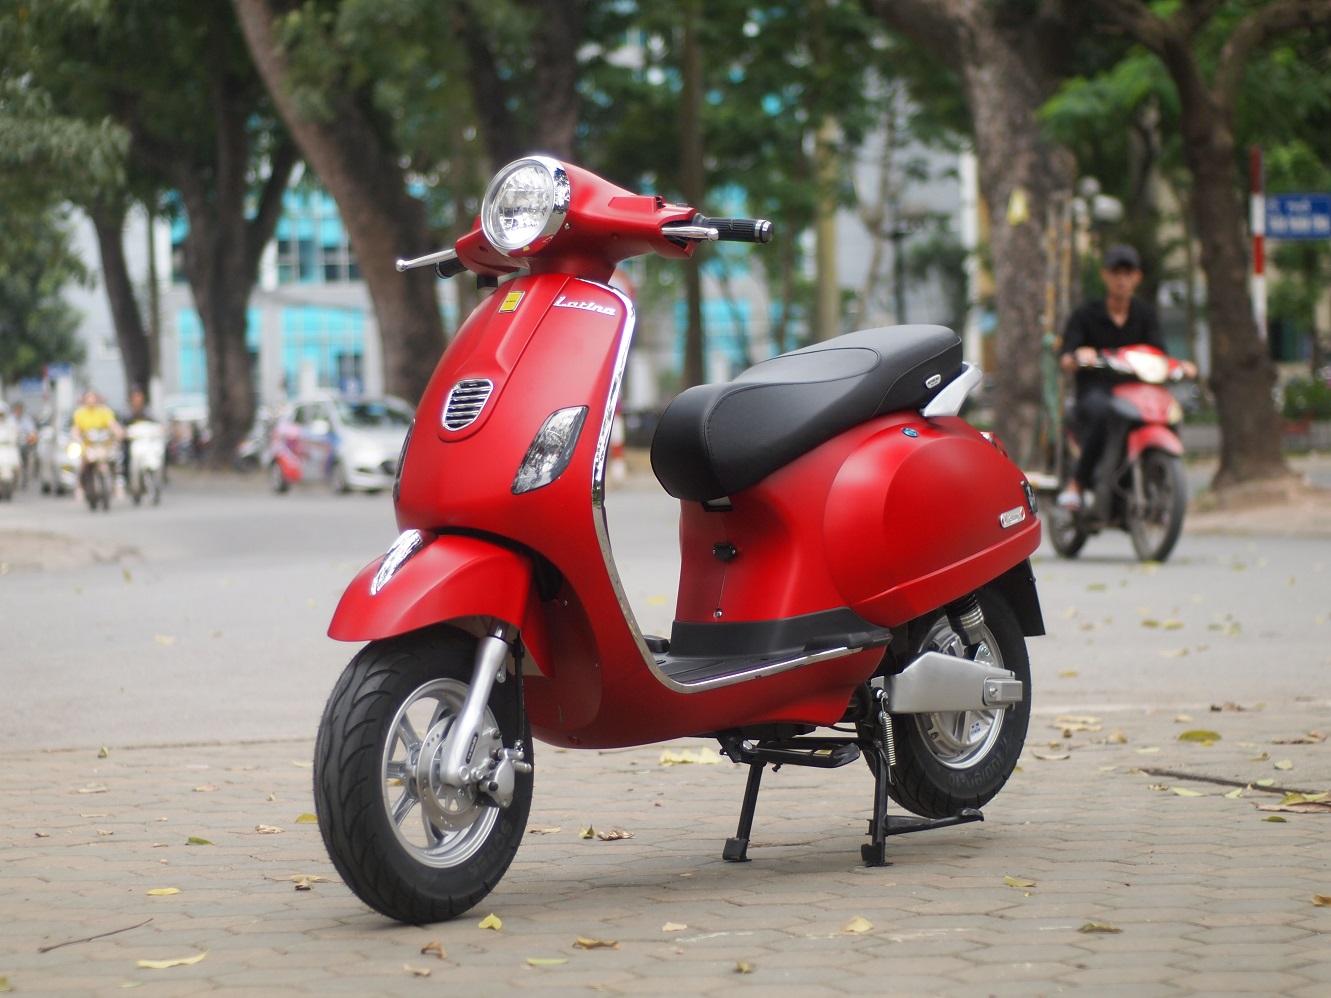 Xe máy điện Vespa LX Latina có thiết kế cá tính và động cơ rất mạnh mẽ